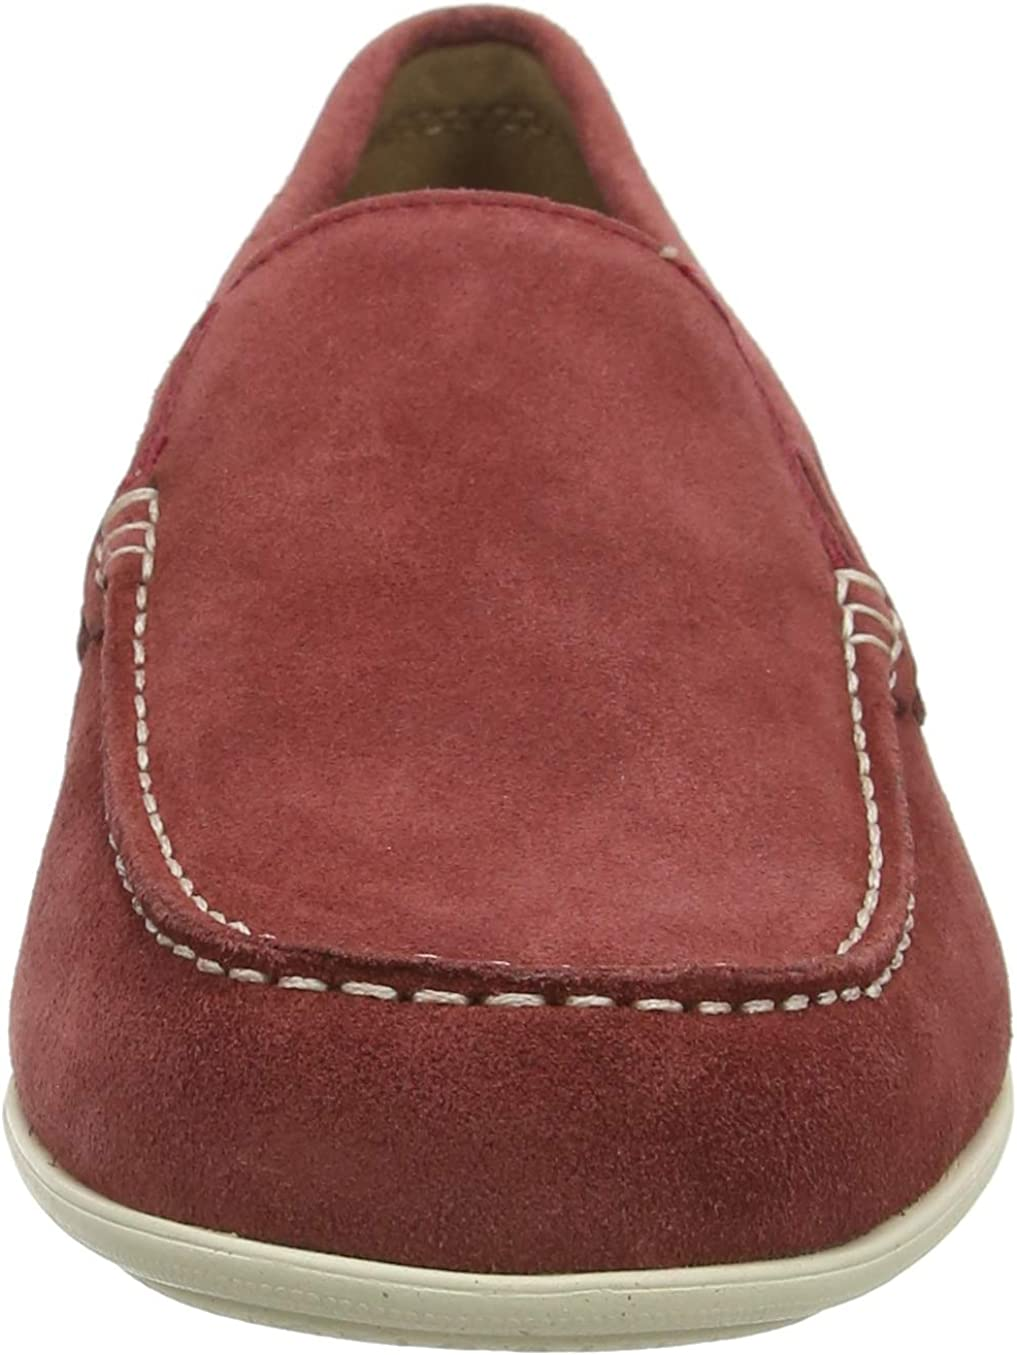 Rockport Malcom Venetian Loafer, Mocassins Homme Rouge Ketchup Sde 009